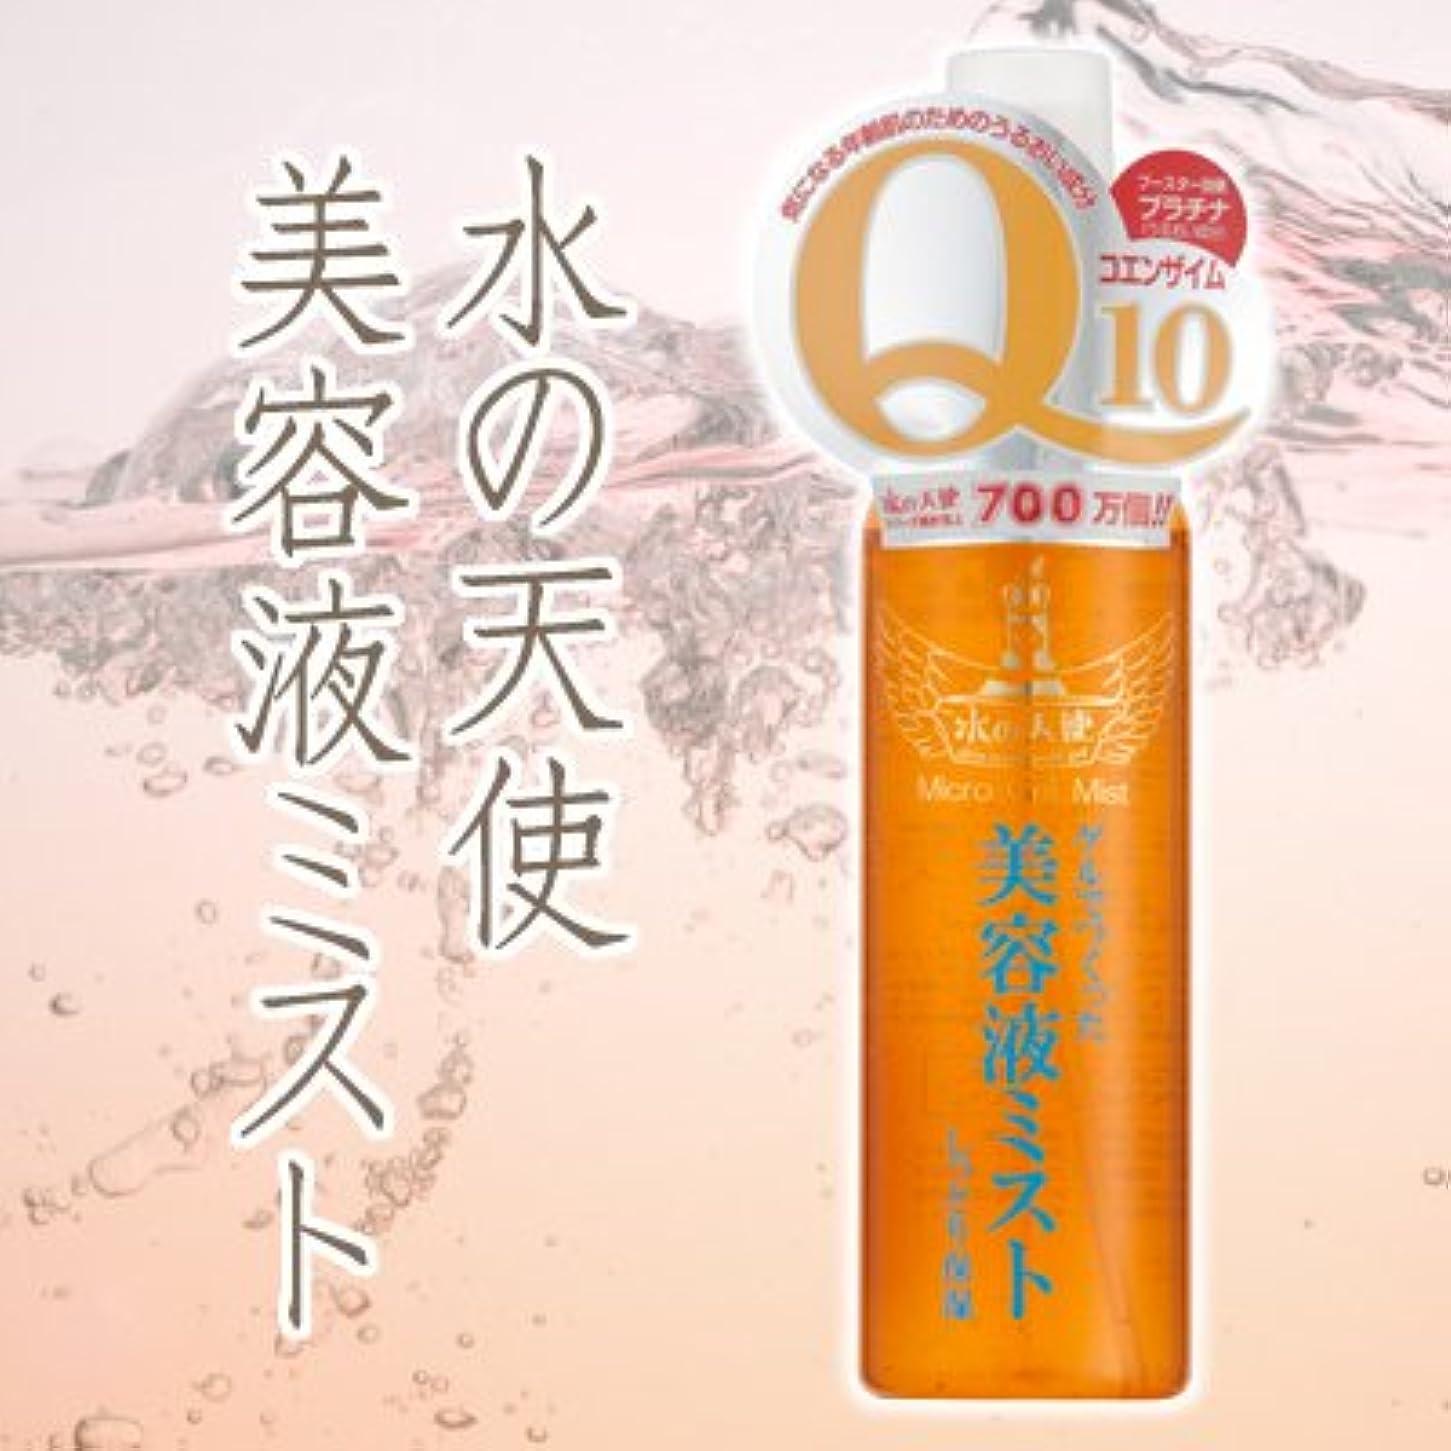 ハンカチいろいろキュービック水の天使美容液ミスト 120ml 2個セット ※あの「水の天使」シリーズから美容液ミストが新登場!